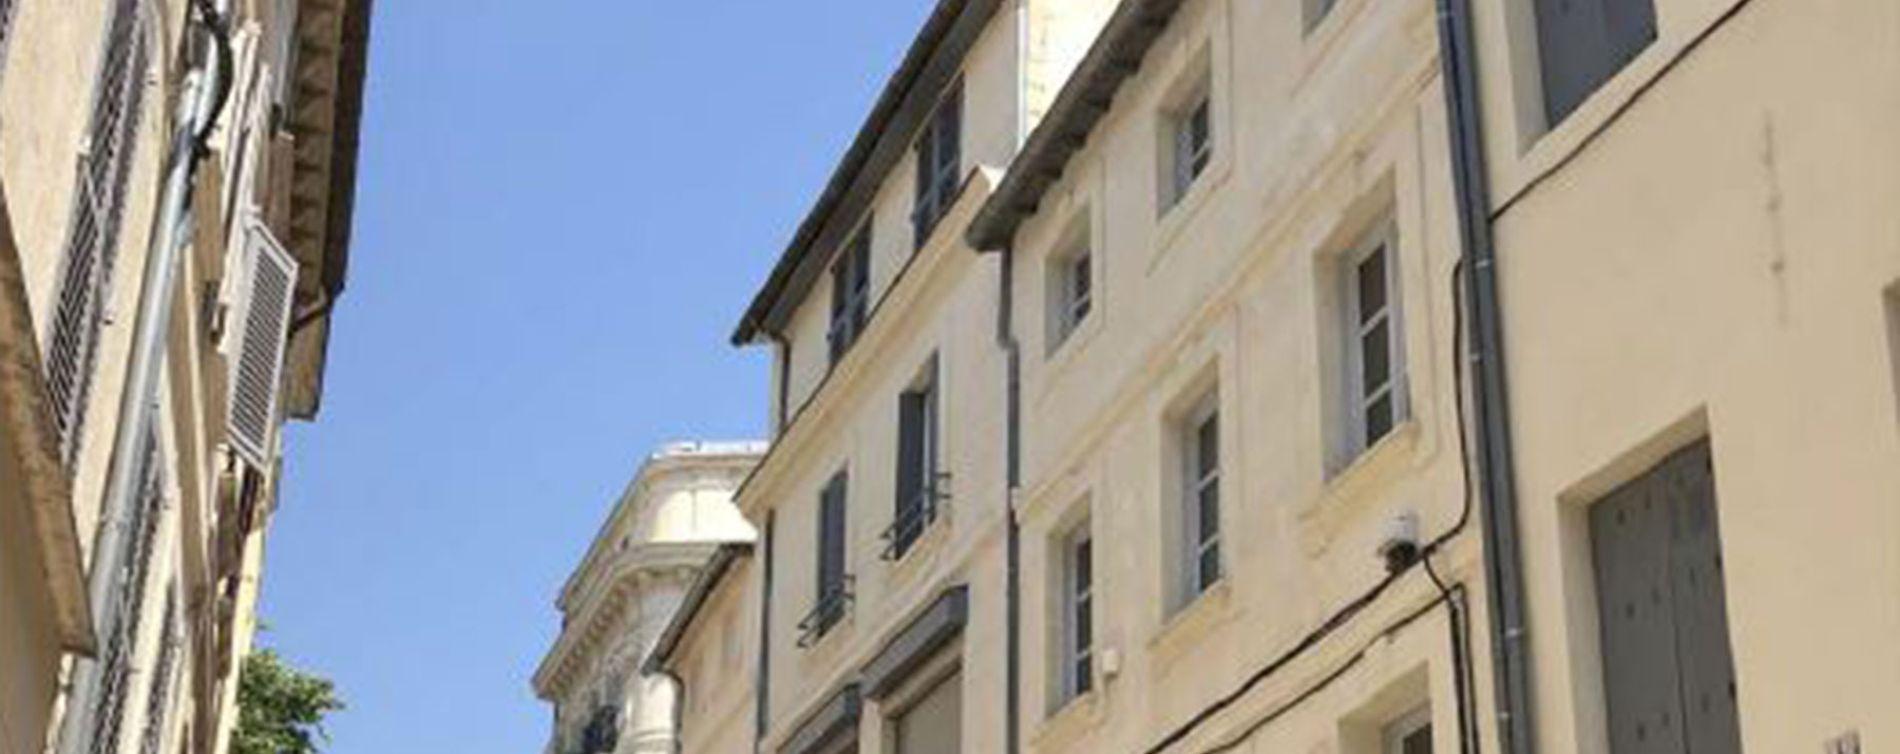 Avignon : programme immobilier à rénover « 20-22 rue Carnot » en Loi Malraux (2)